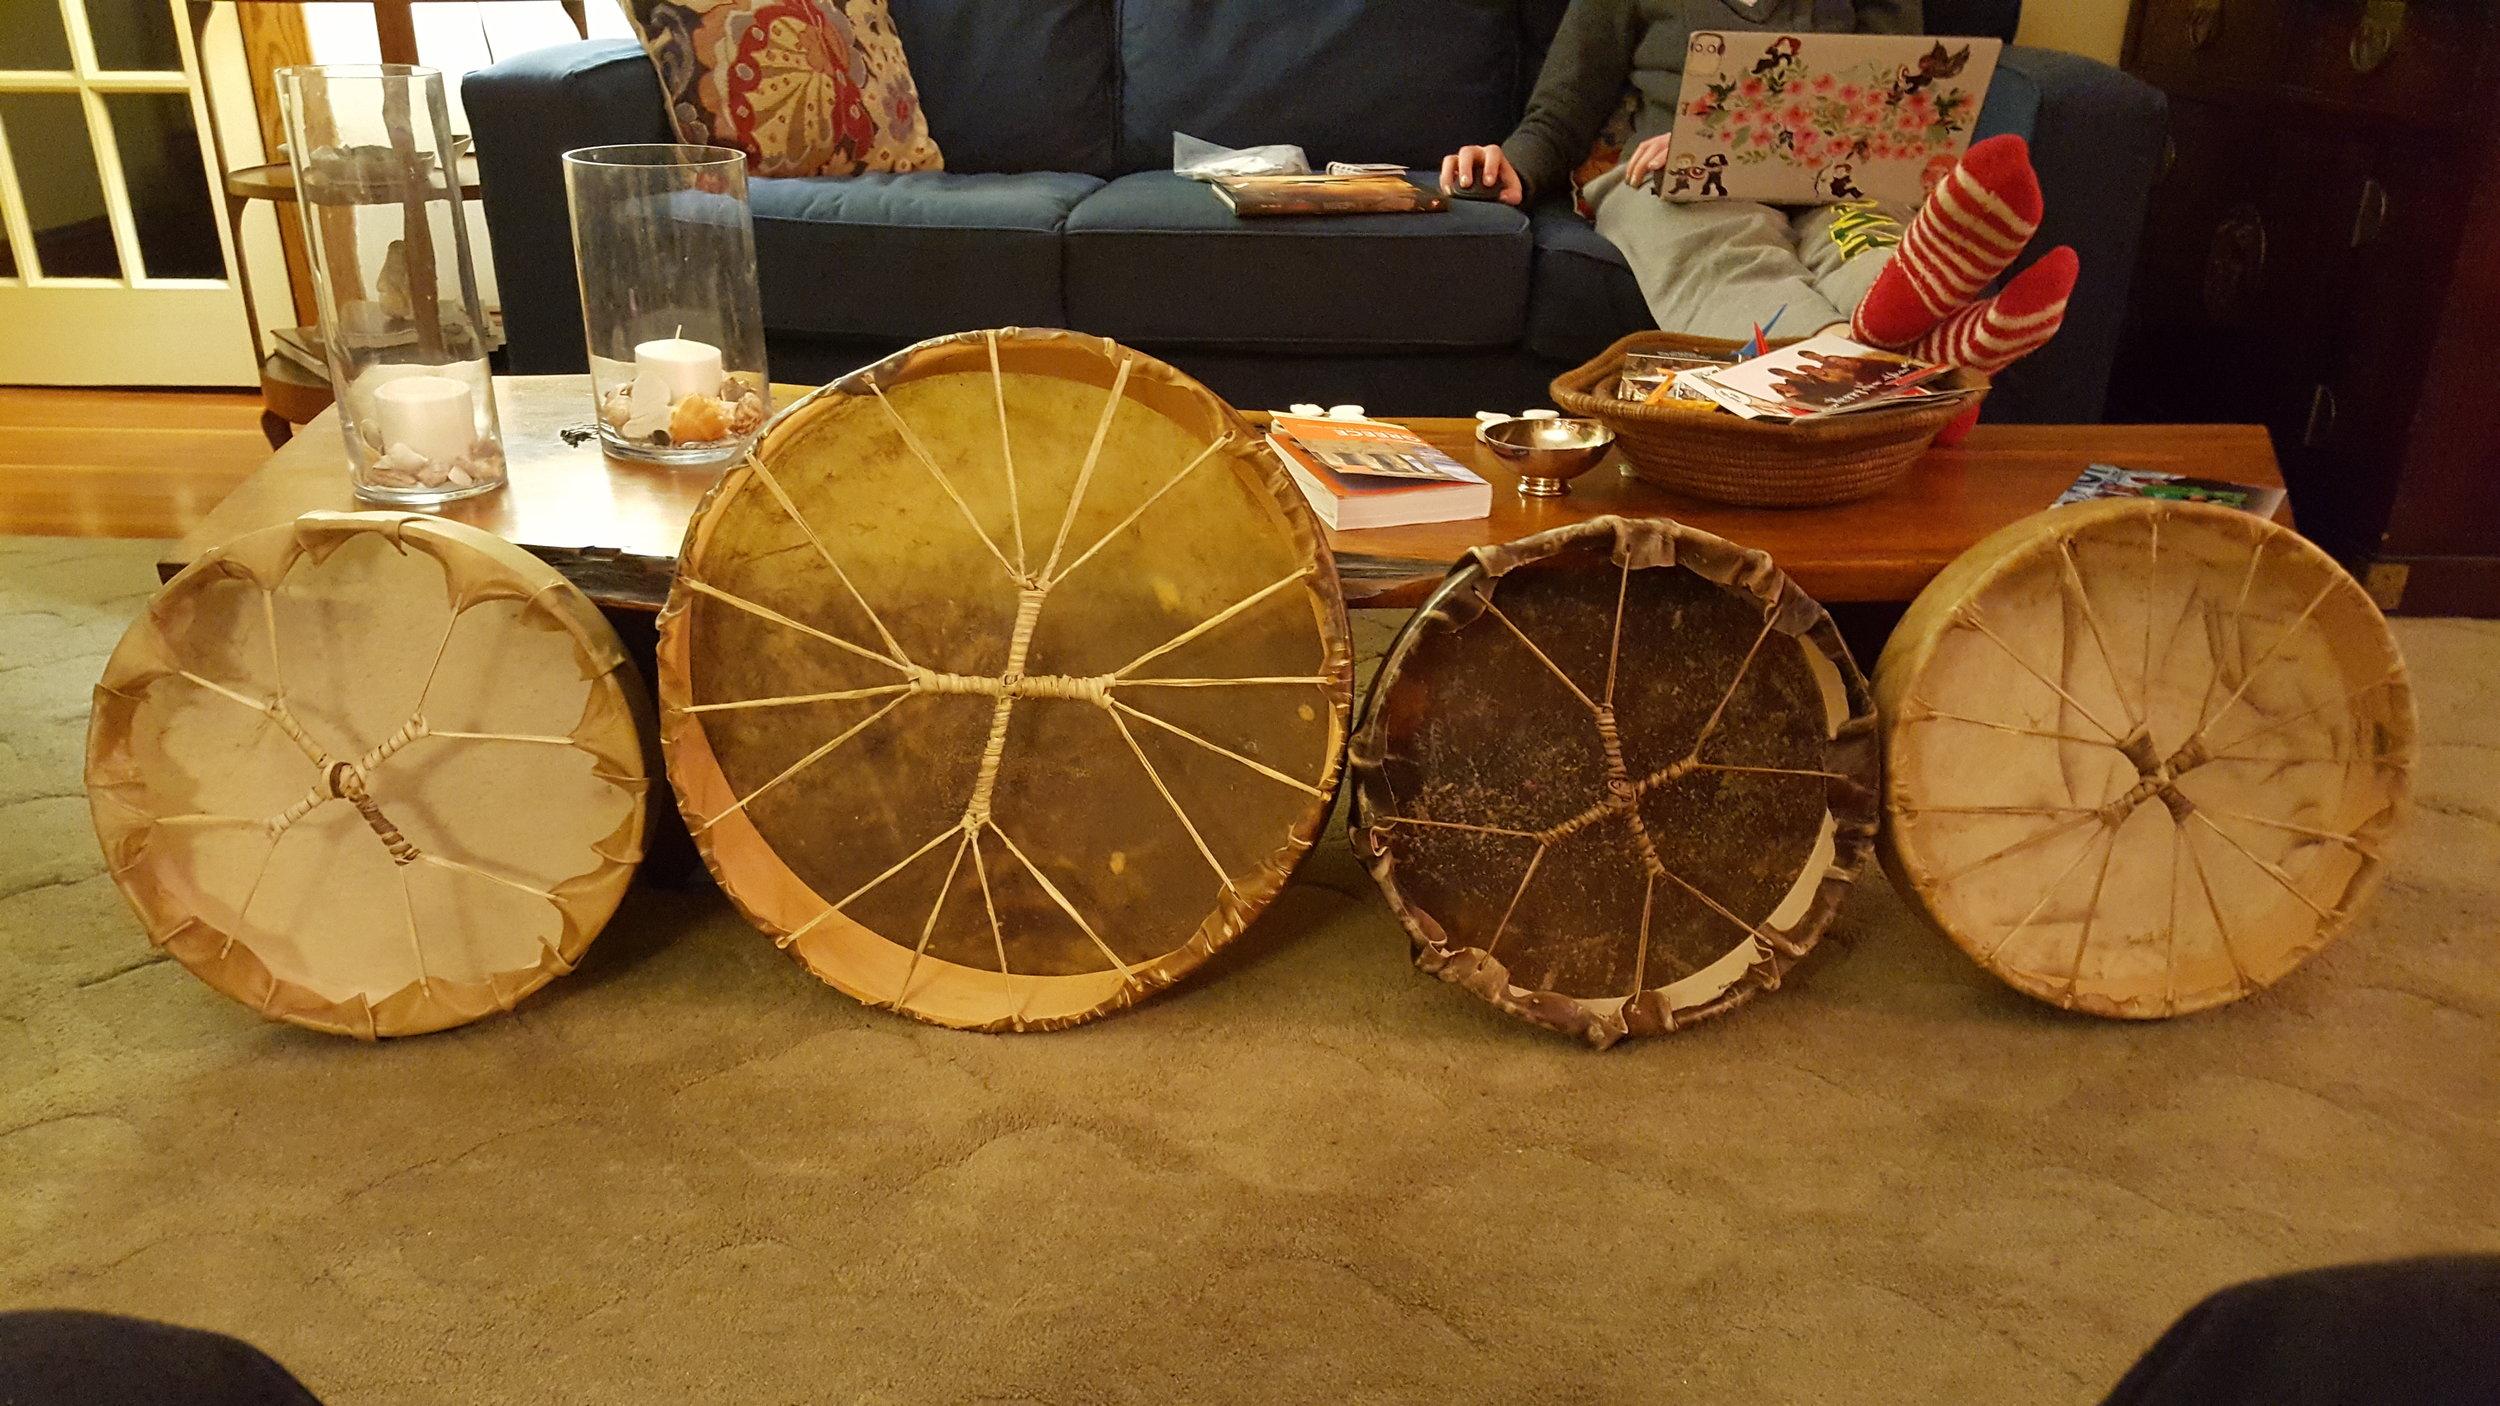 Elk, Moose, Horse and Deer drums - backs shown